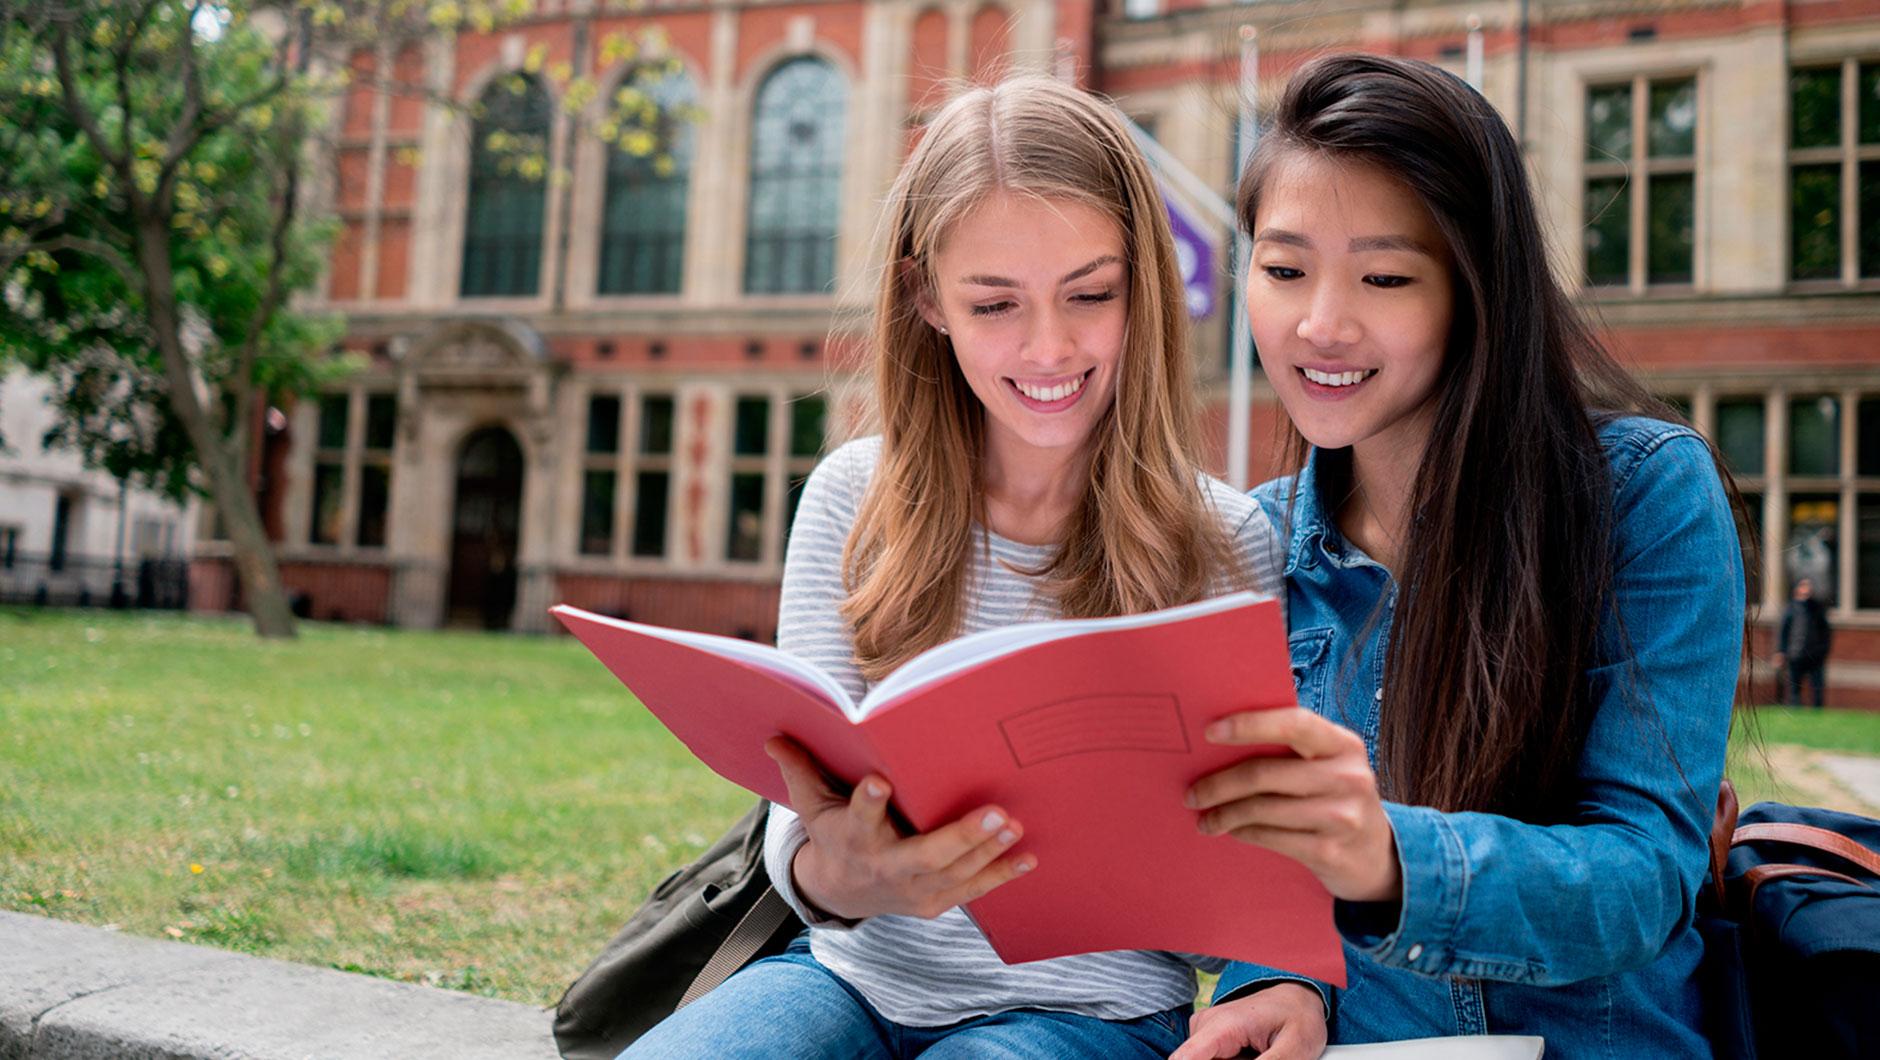 За качество образования отвечает Управление по обеспечению качества в образовательной сфере (QAA), проверяющее «академические стандарты» и «академическое качество» университетов